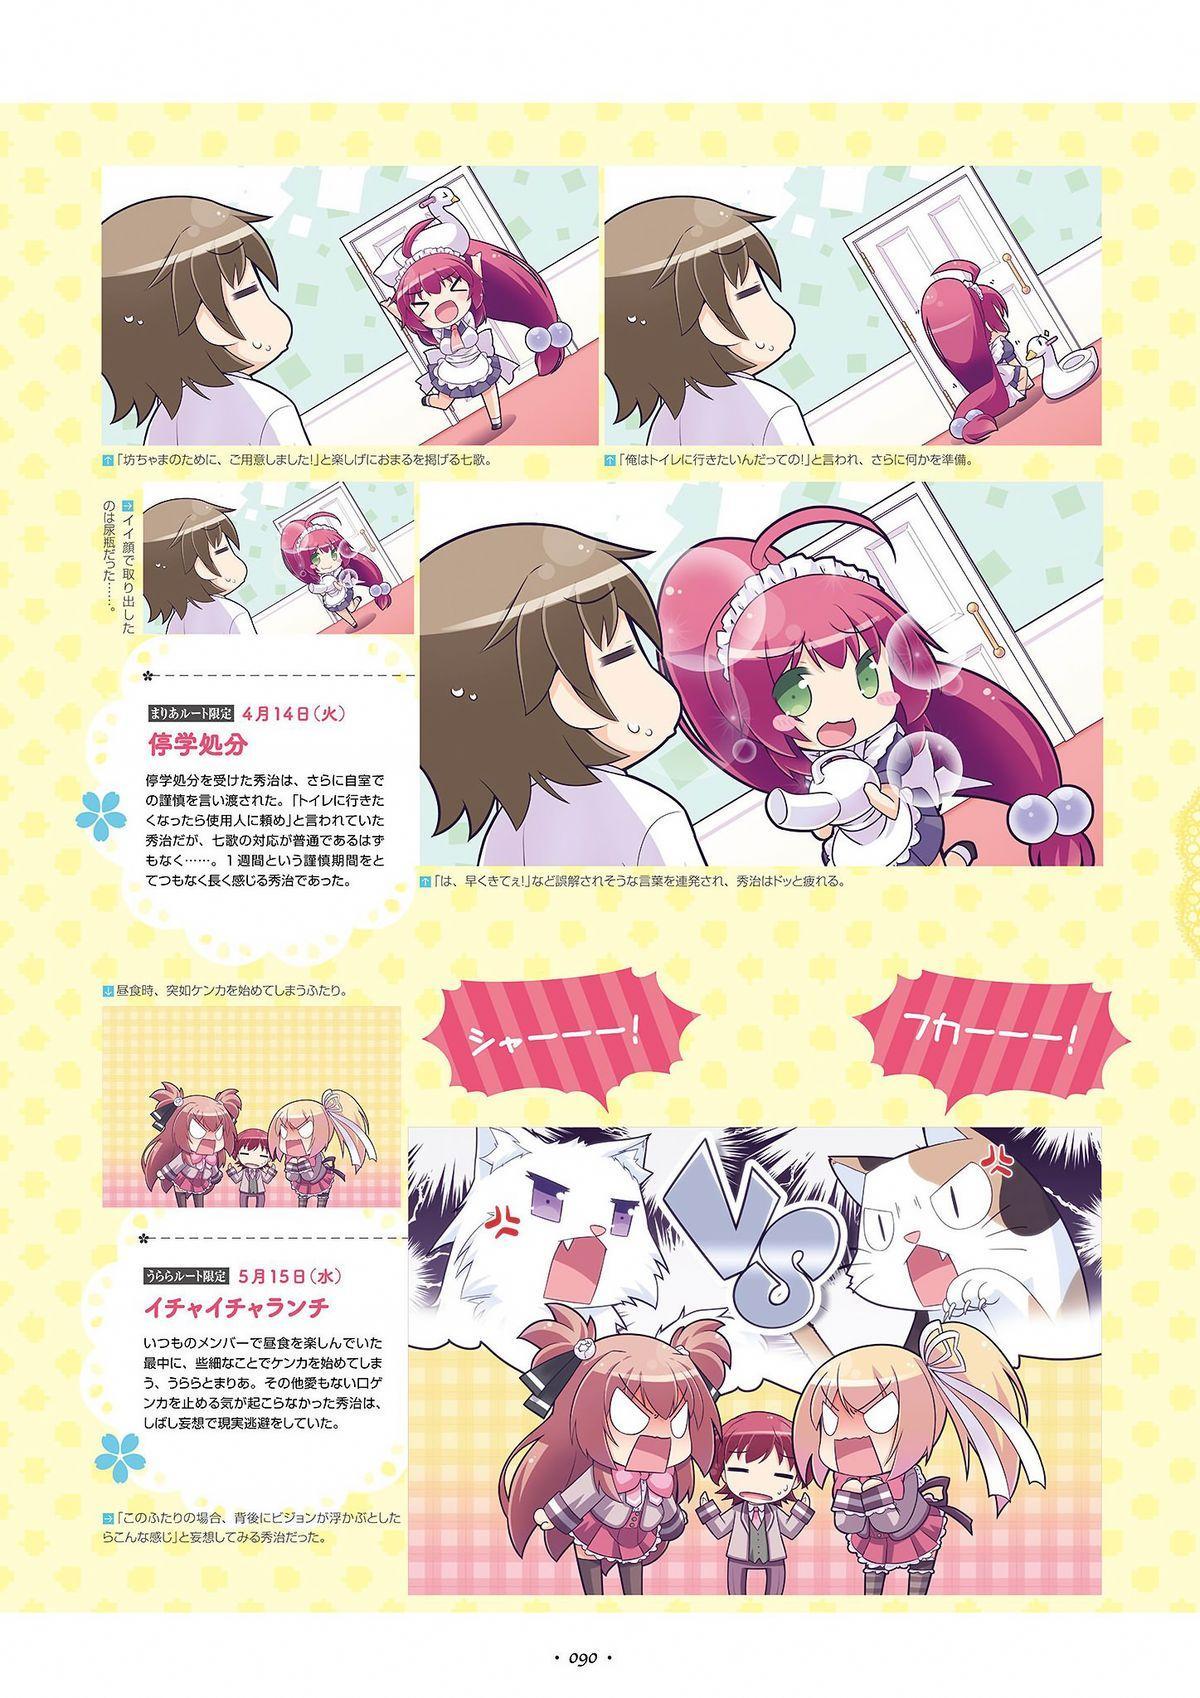 Shukufuku no Kane no Oto wa, Sakura-iro no Kaze to Tomo ni Visual Fanbook 91